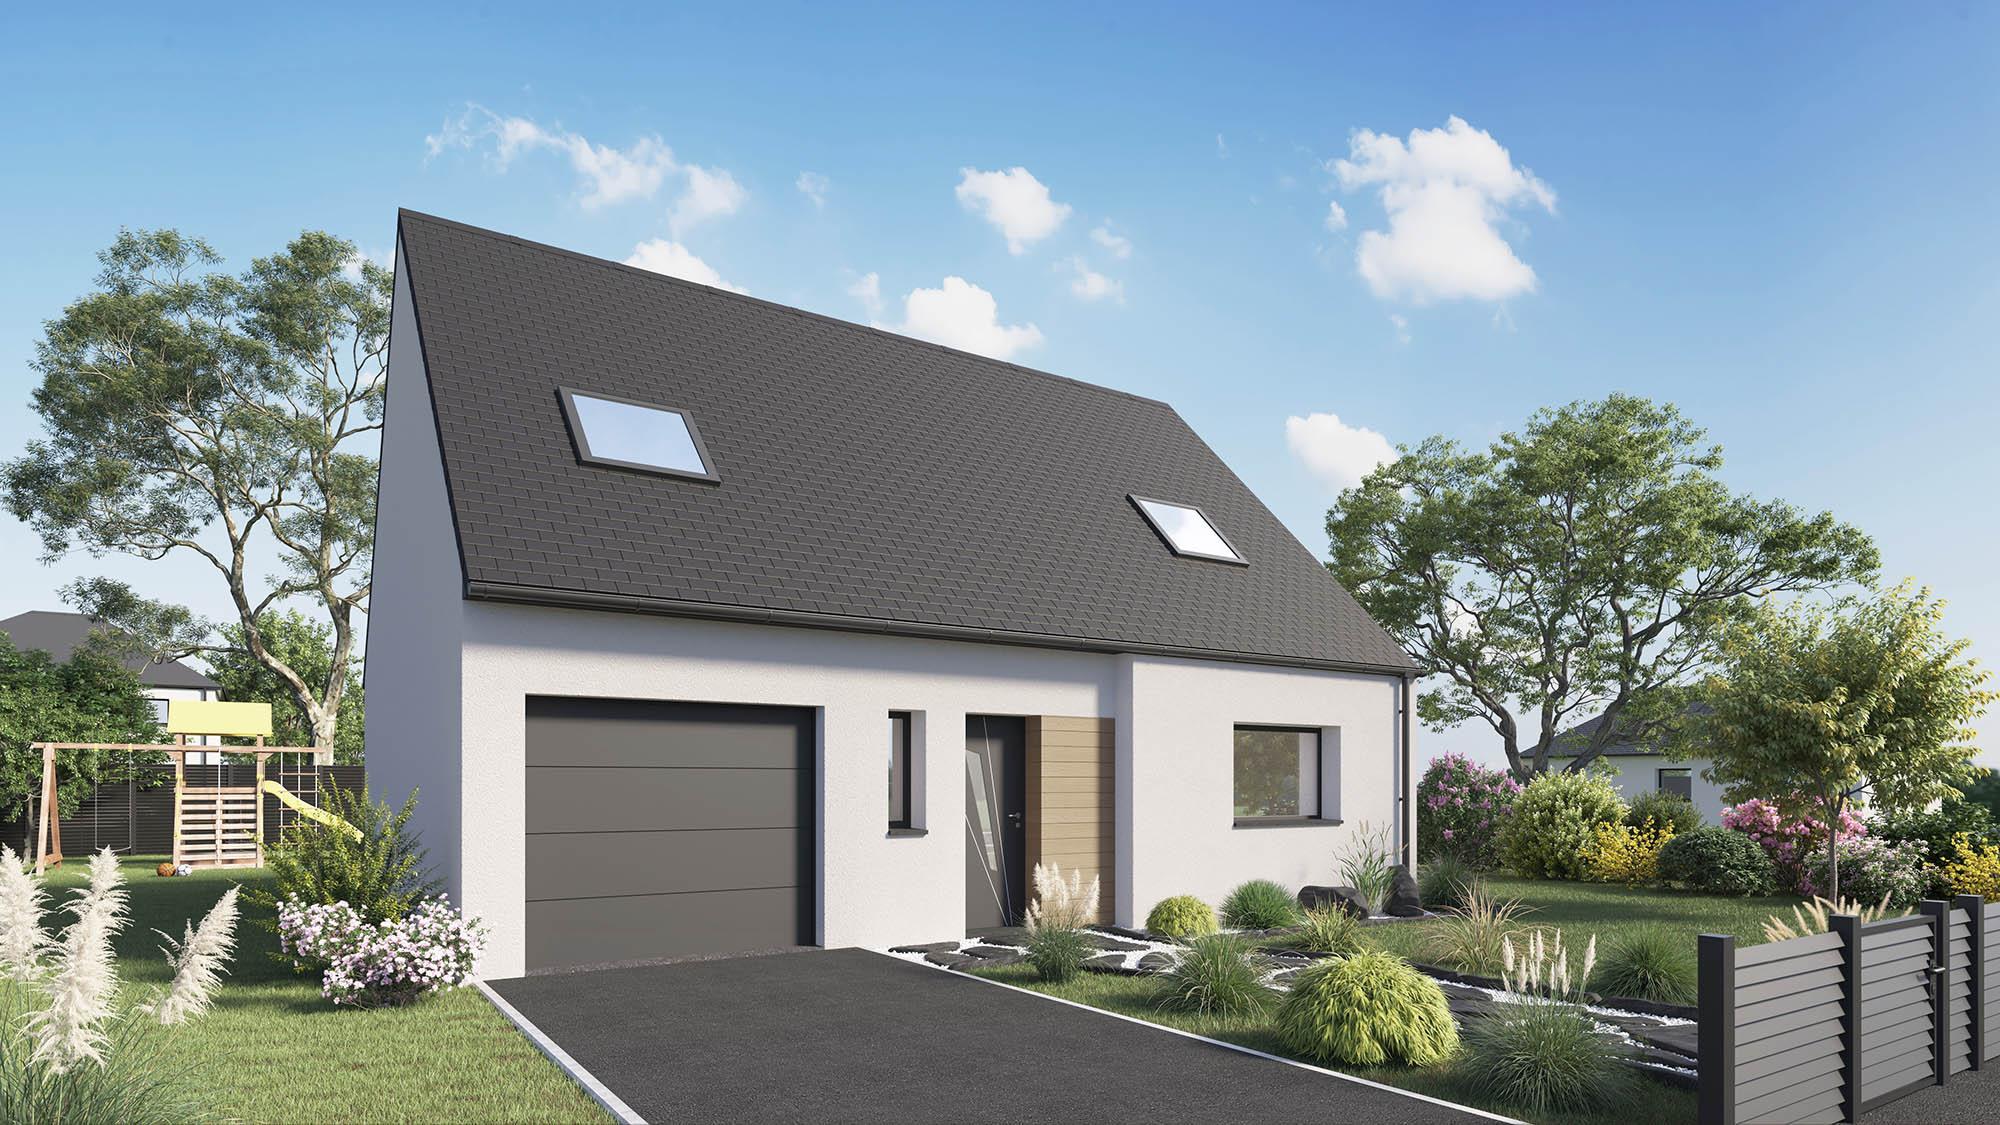 Maisons + Terrains du constructeur Maison Castor Rouen • 113 m² • TOURVILLE LA RIVIERE